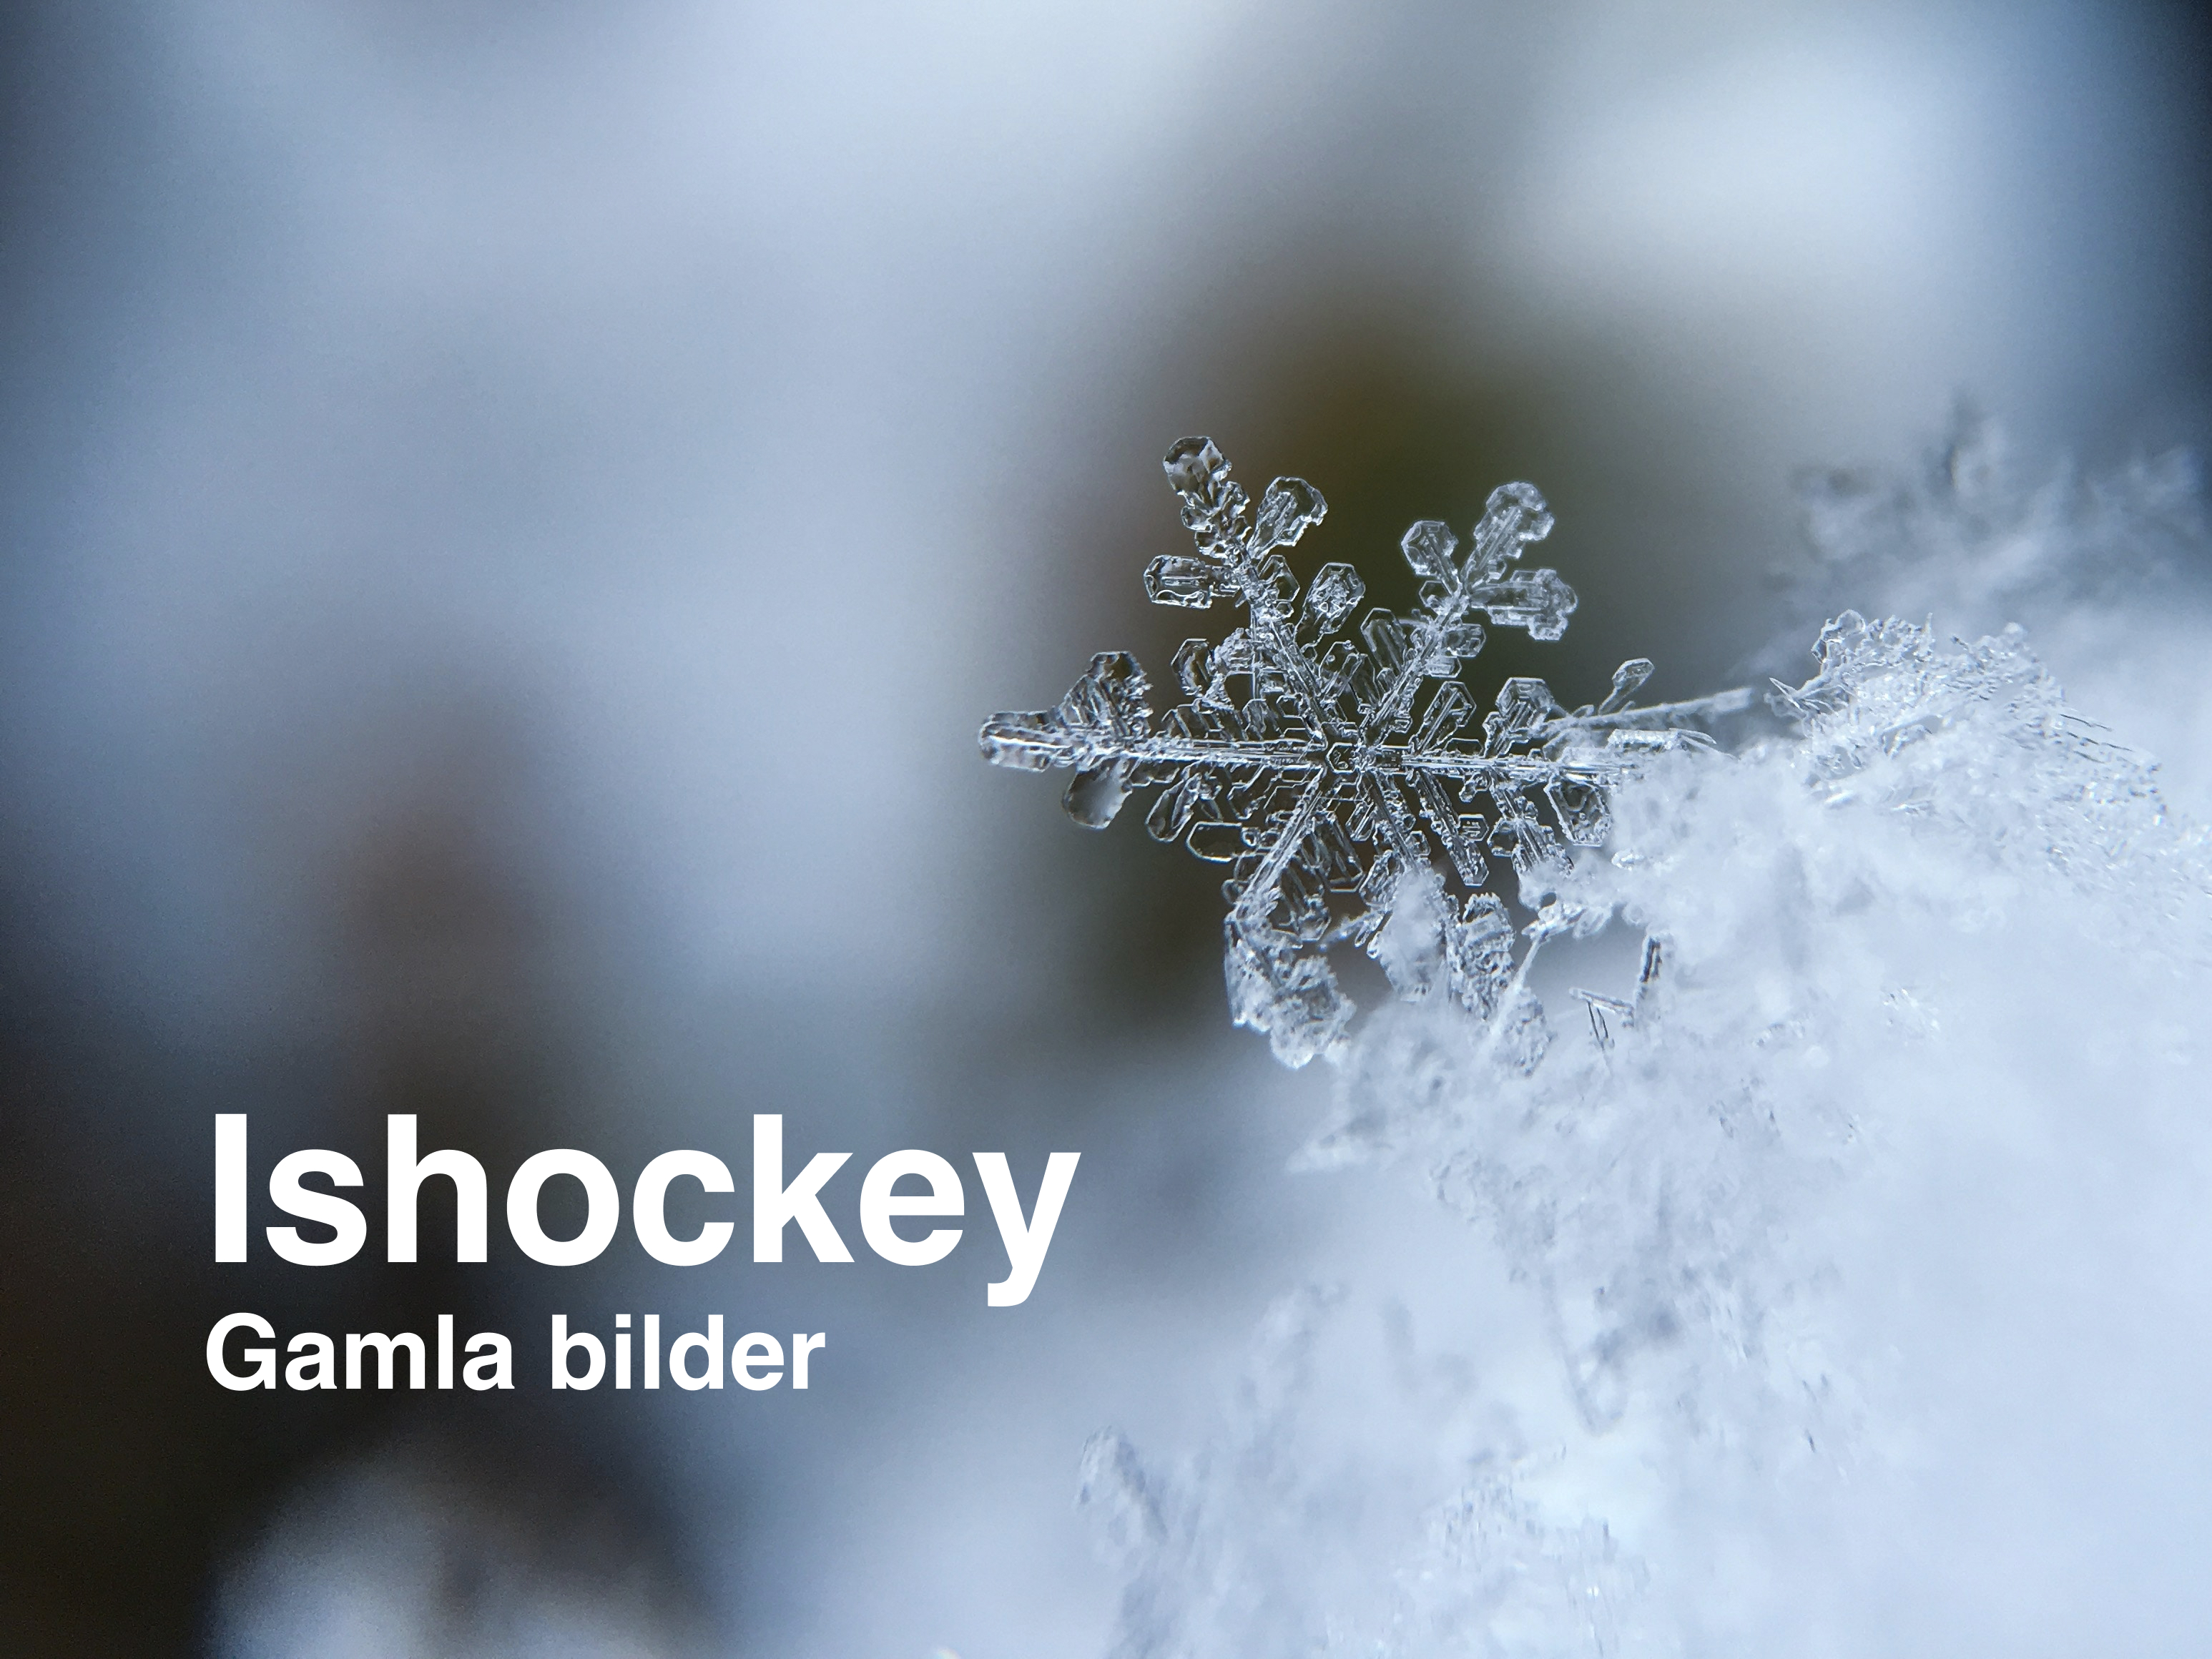 Gamla bilder Ishockey